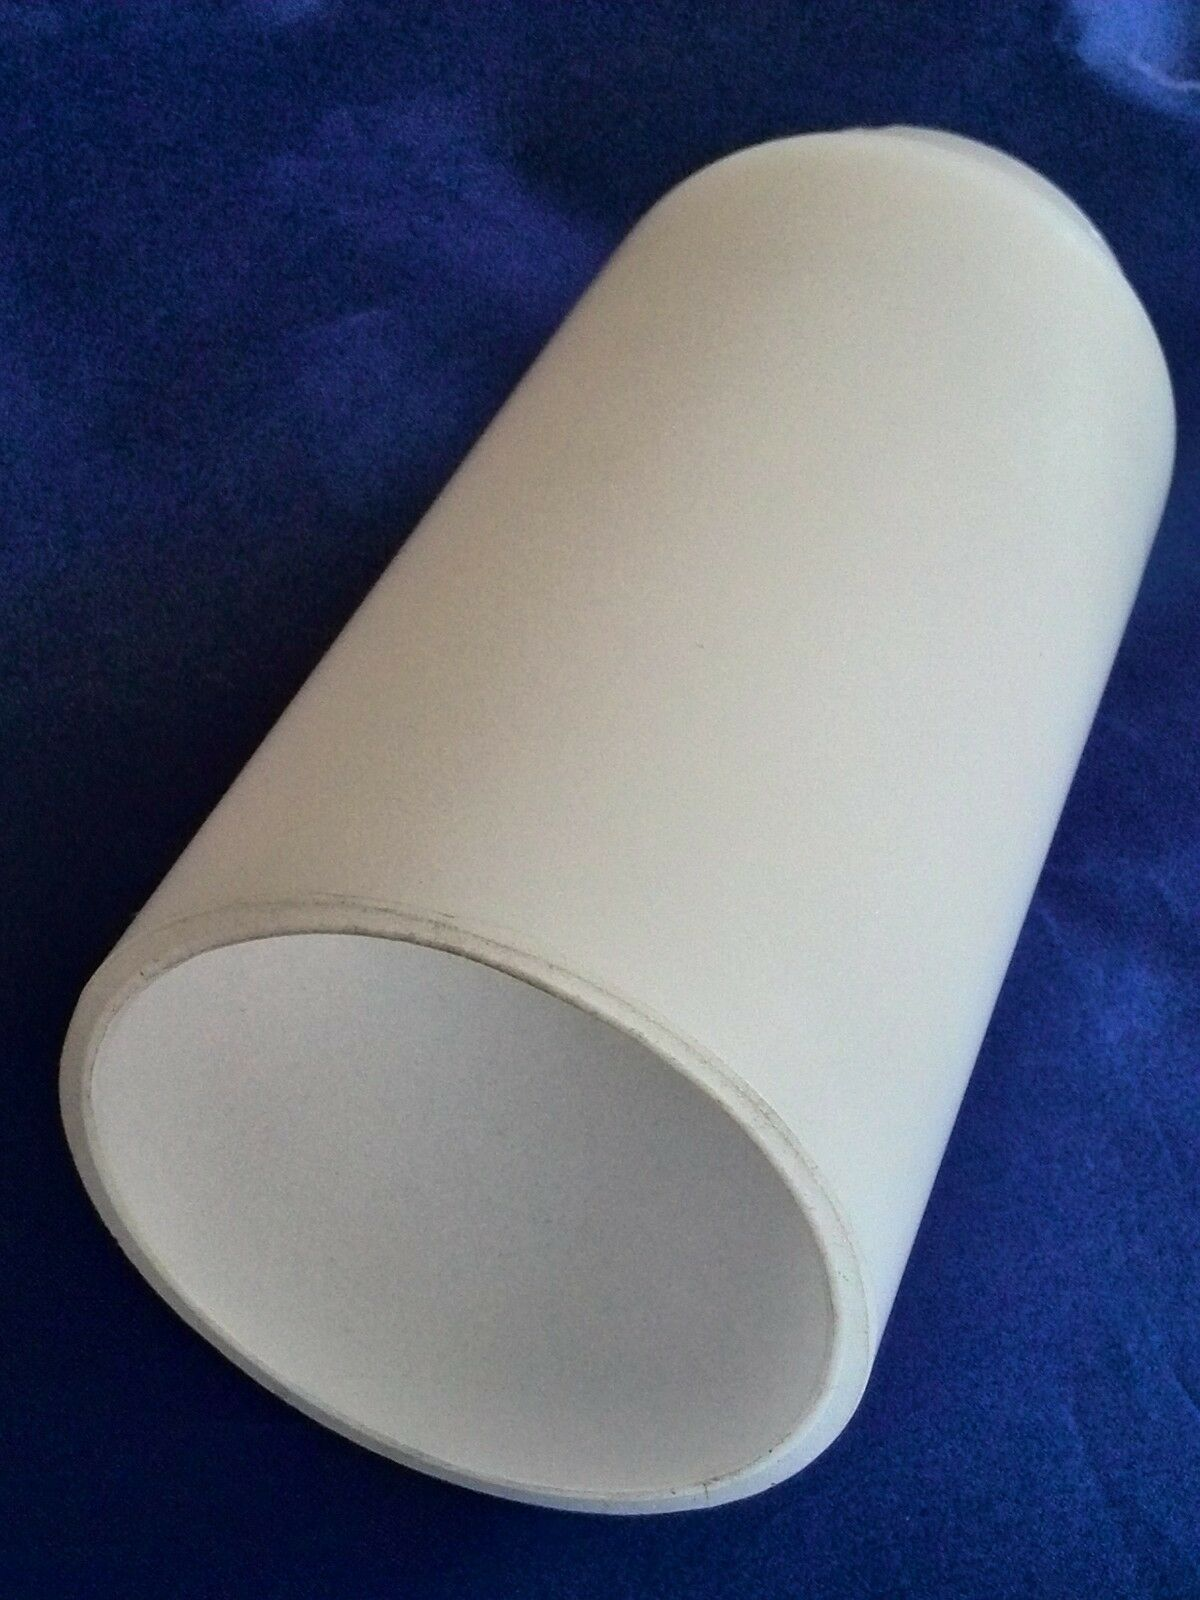 Keuco Plan Ersatzteil Opal- Wandleuchtenglas lose Art. Art. Art. Nr.06549009100 Ausf.offen | Nutzen Sie Materialien voll aus  373937